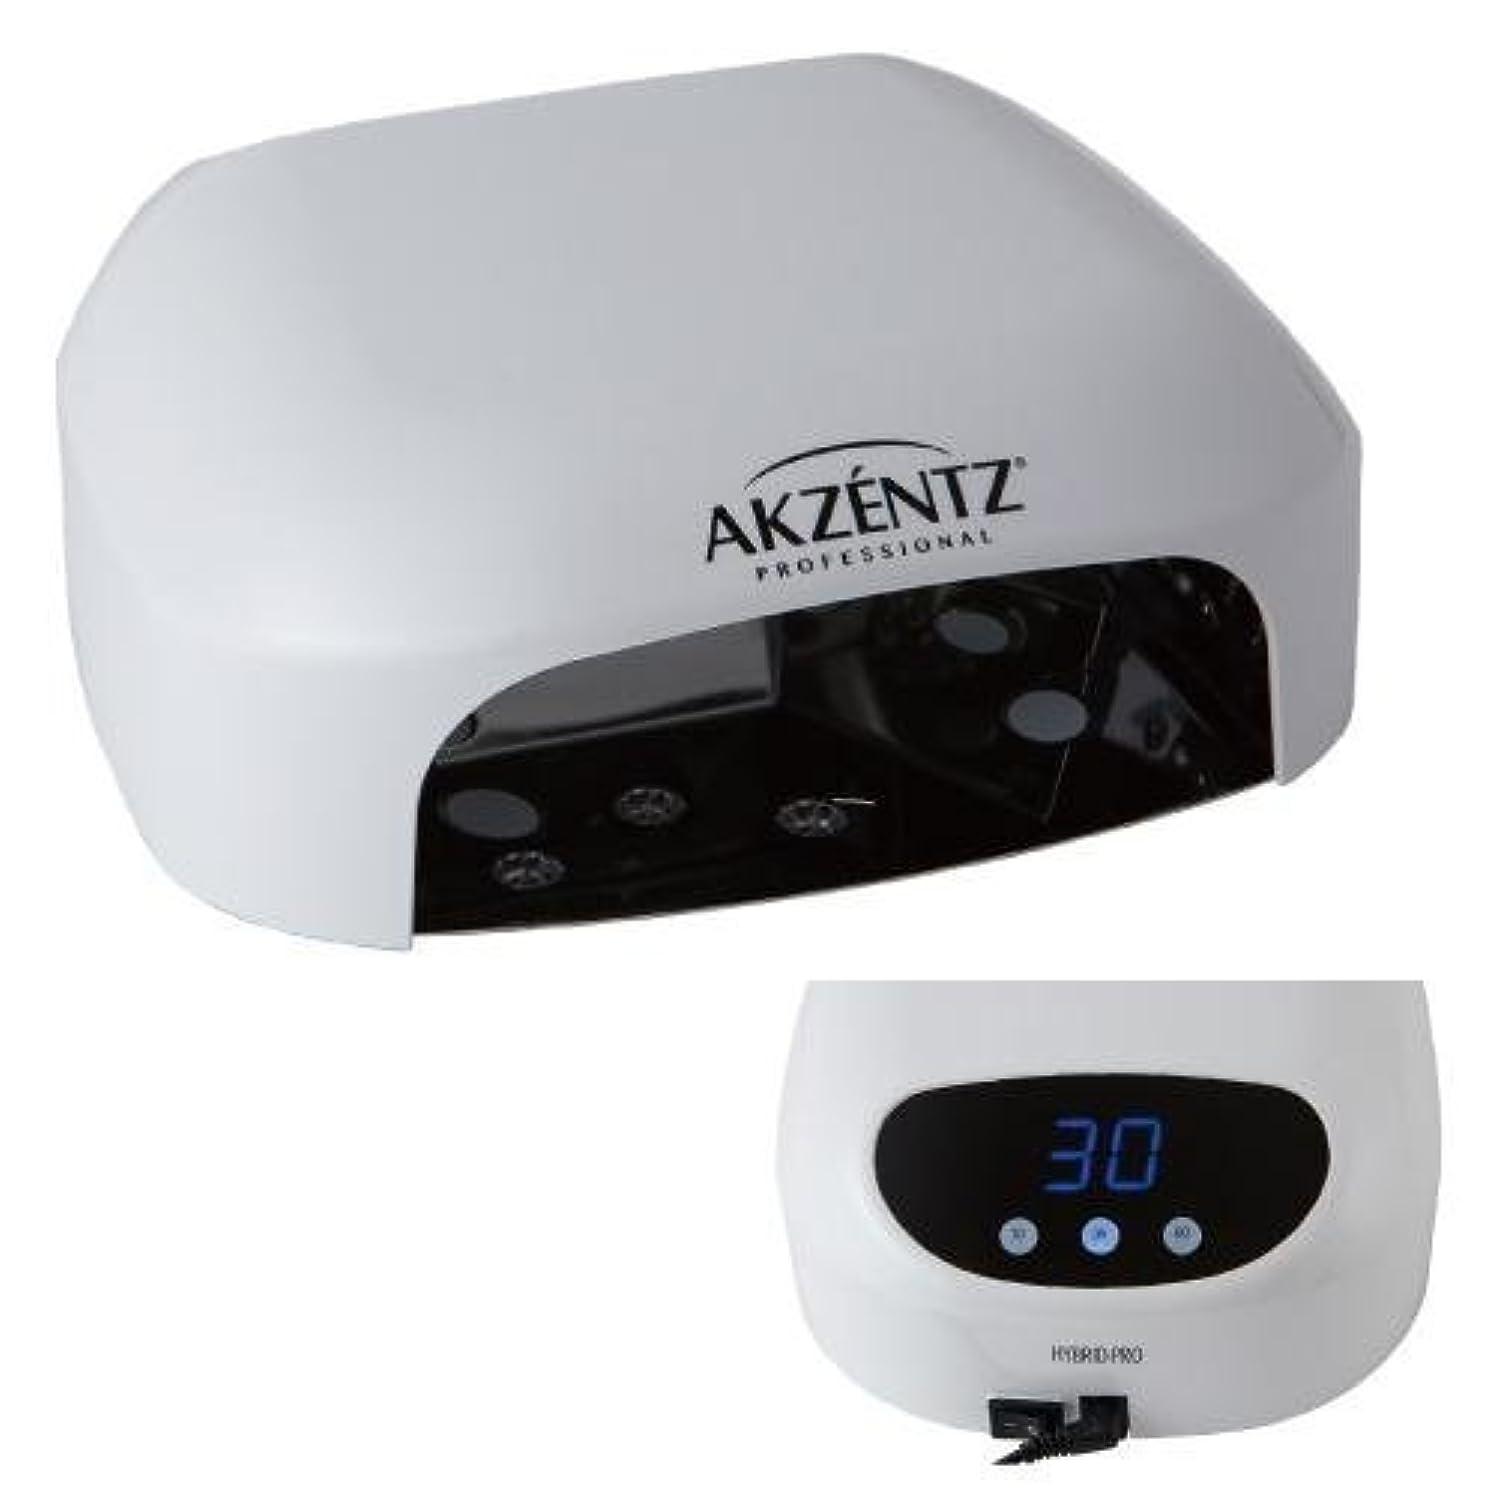 範囲分解する考古学的なAKZENTZ(アクセンツ) ハイブリットプロLEDランプ 36W/タイマー付き